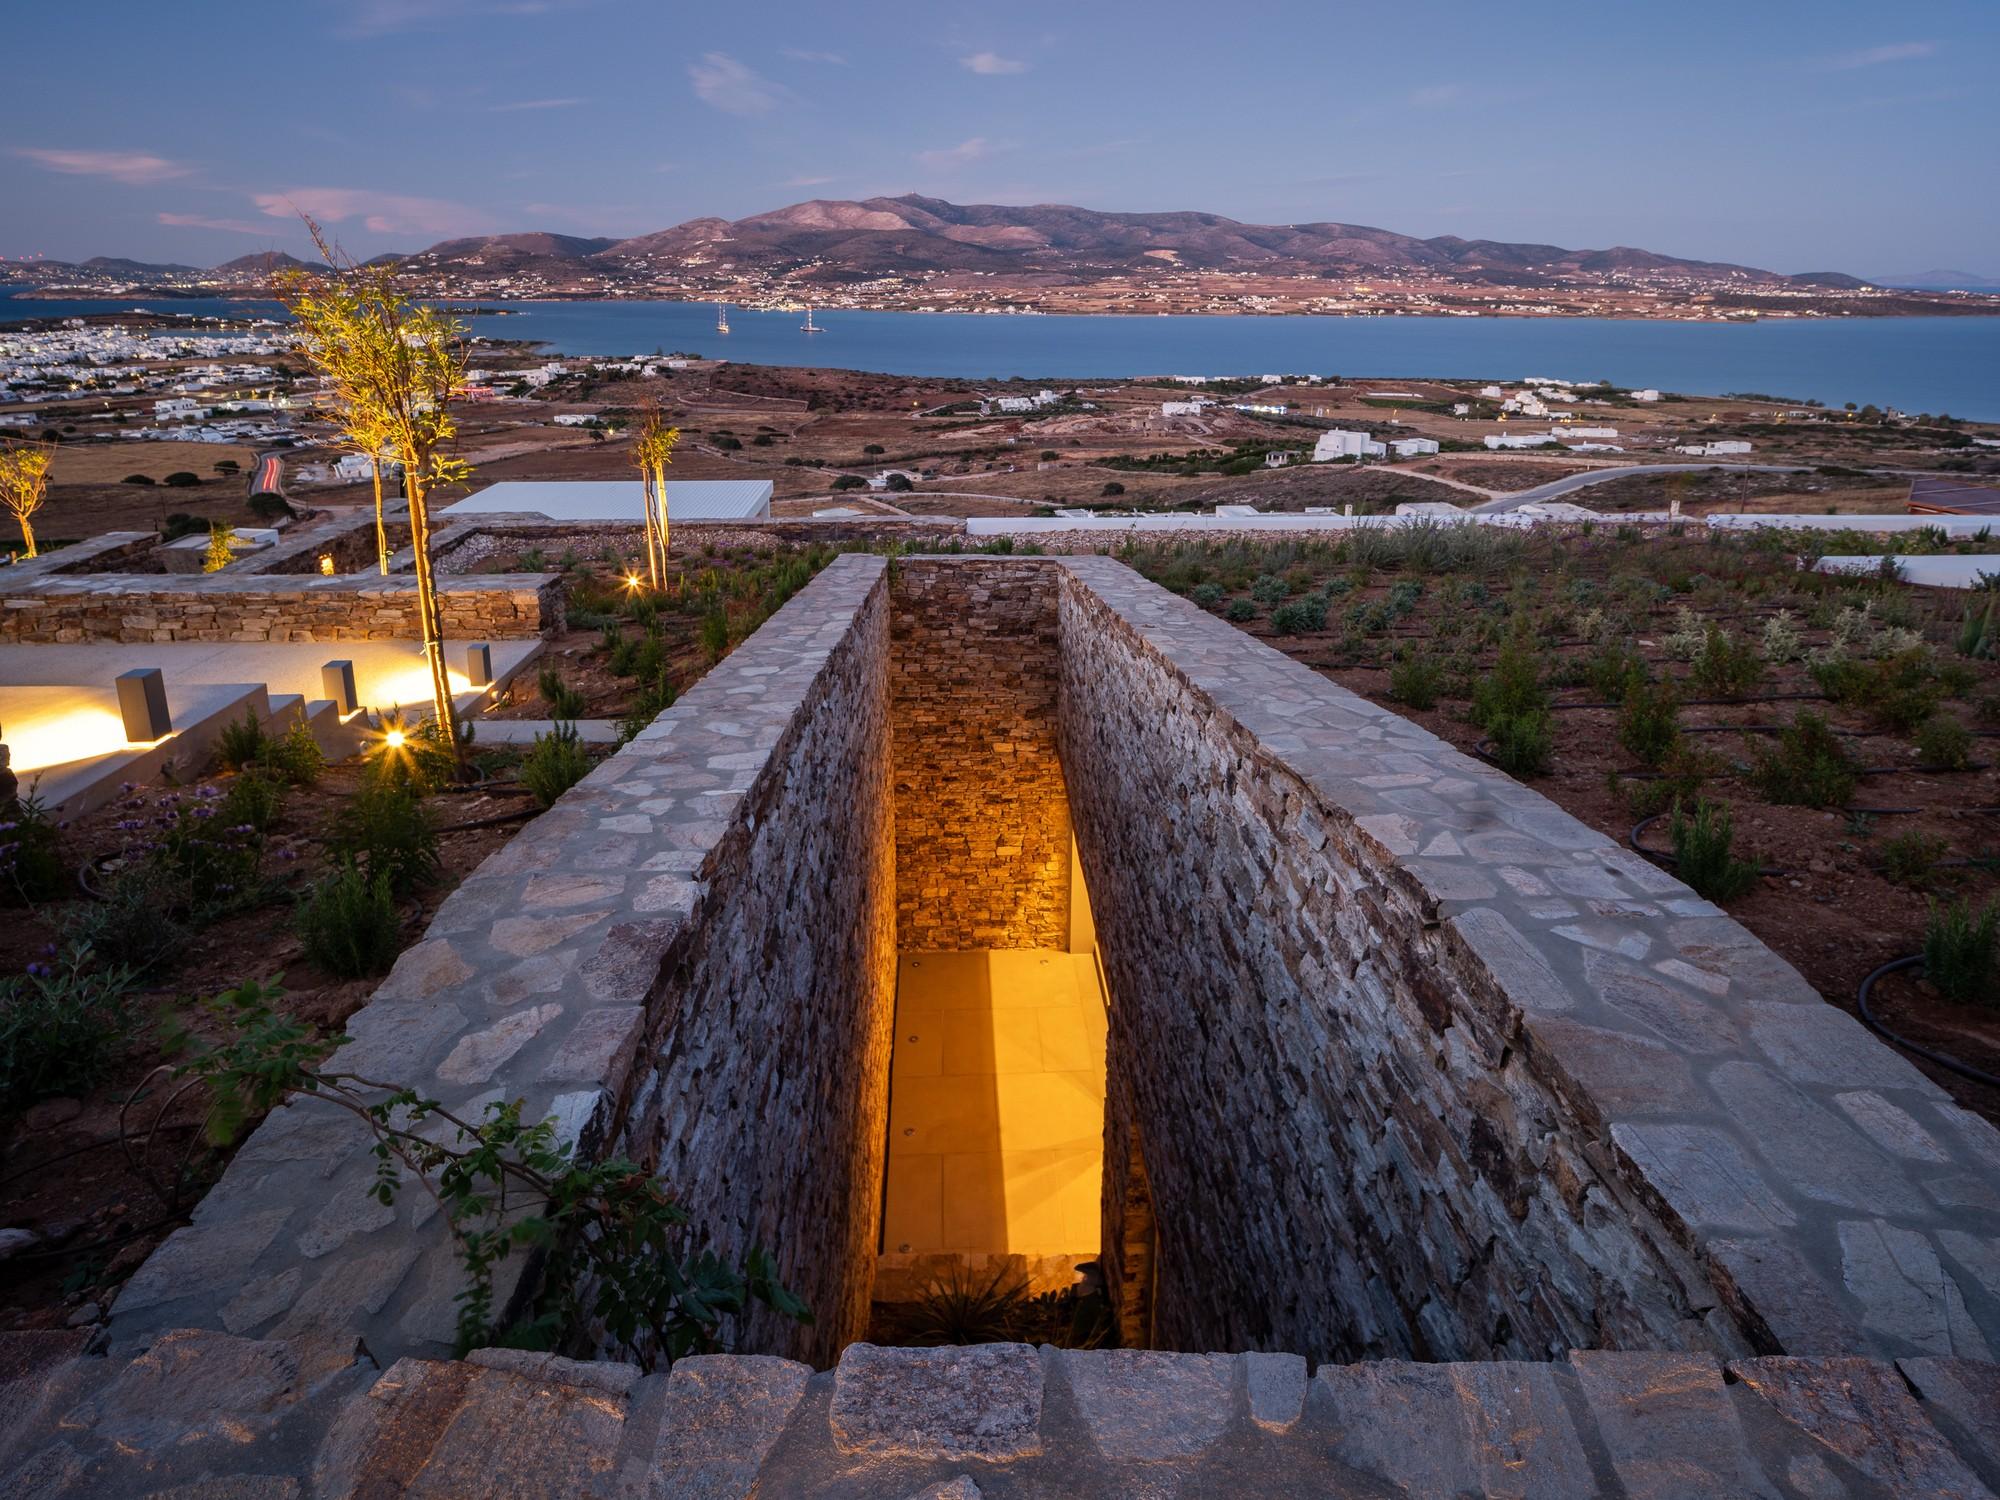 Подземная островная вилла, интегрированная в скалистый ландшафт